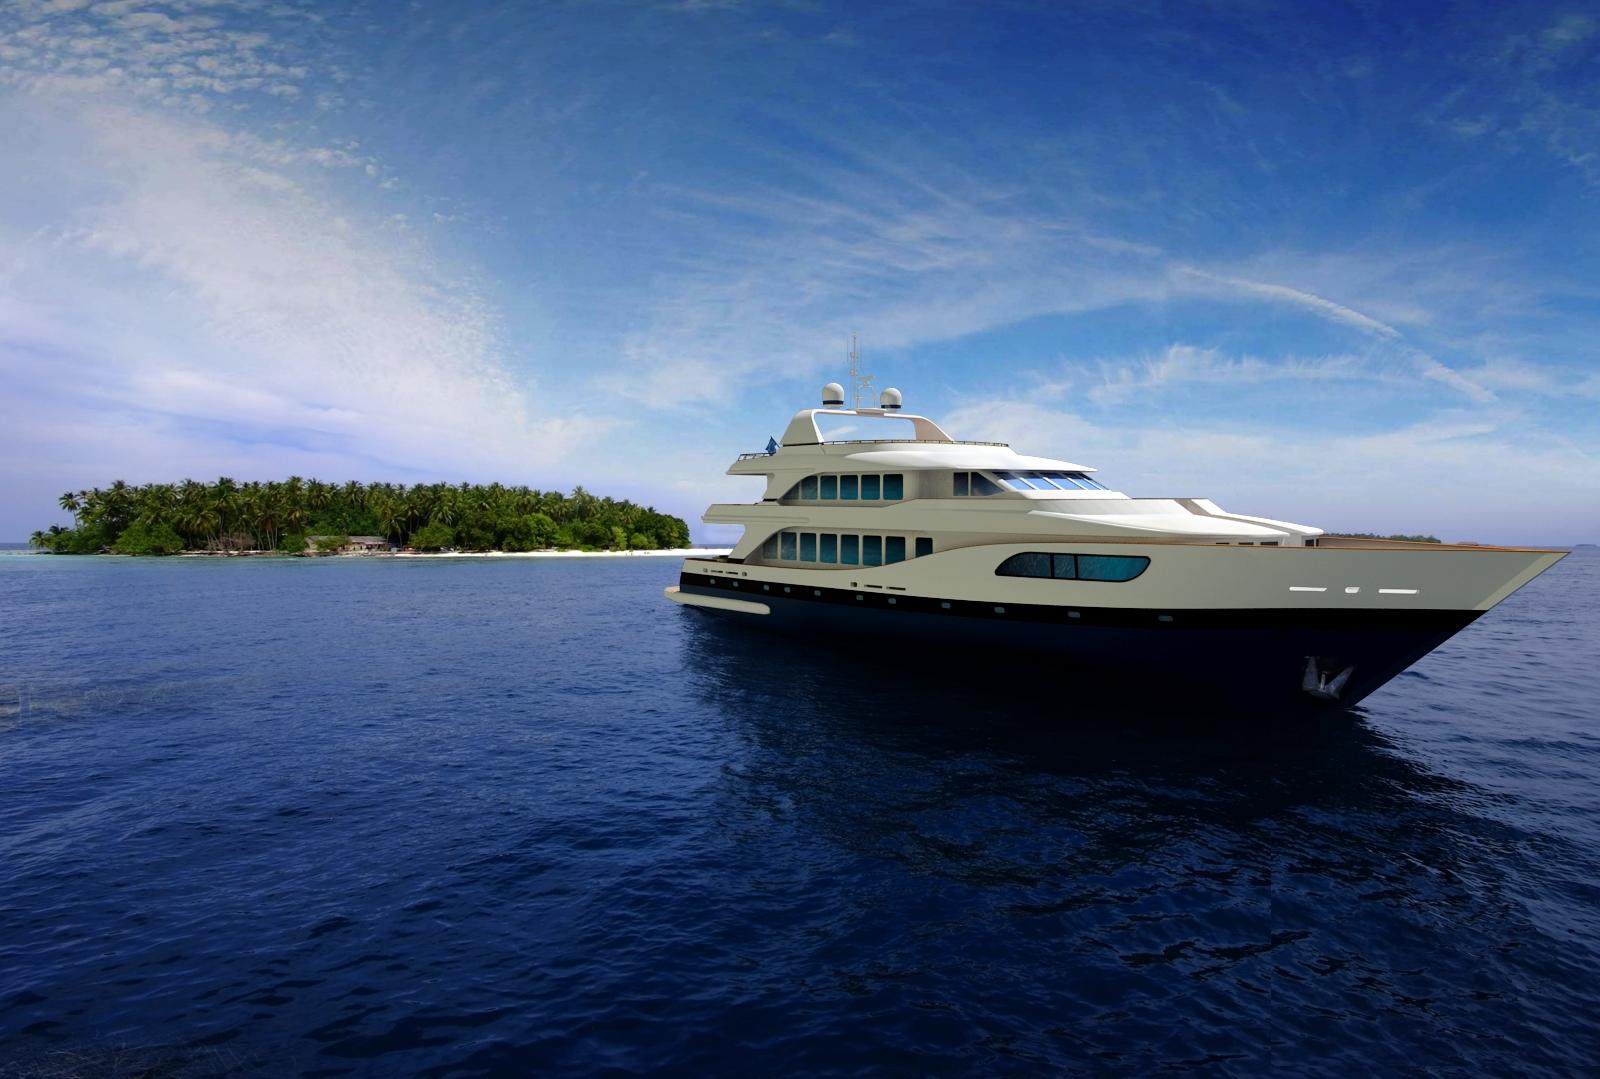 Maldivene utleie av båter